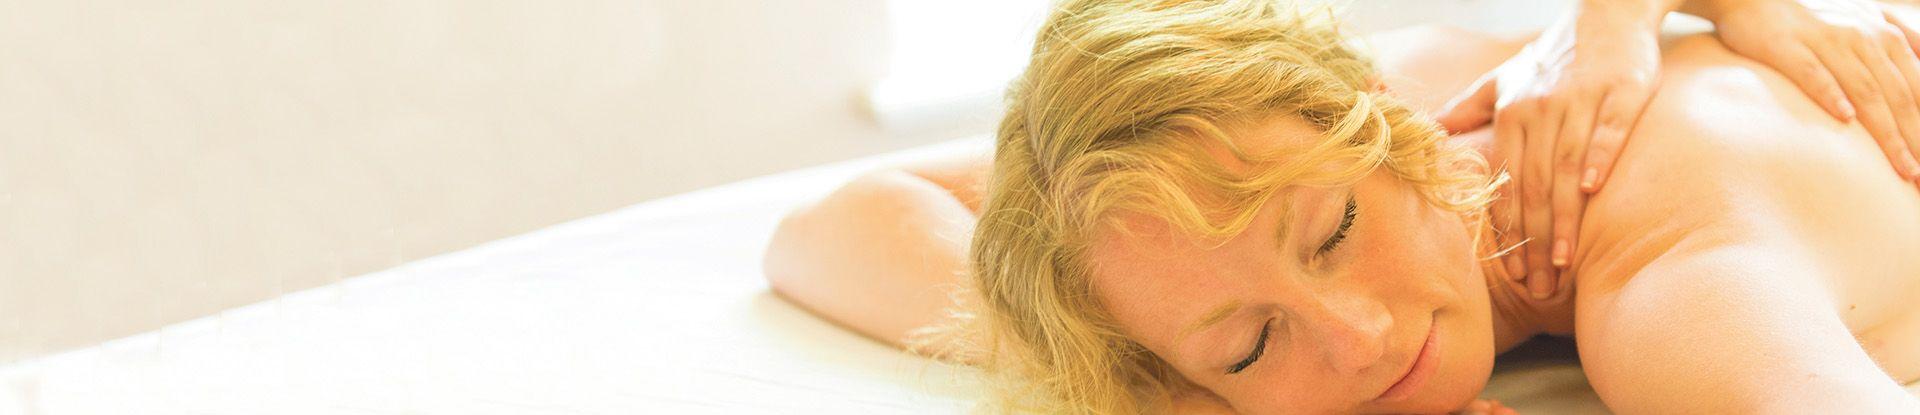 Gast entspannt bei einer Massage im Spa- & Vital Center der Jod-Sole-Therme